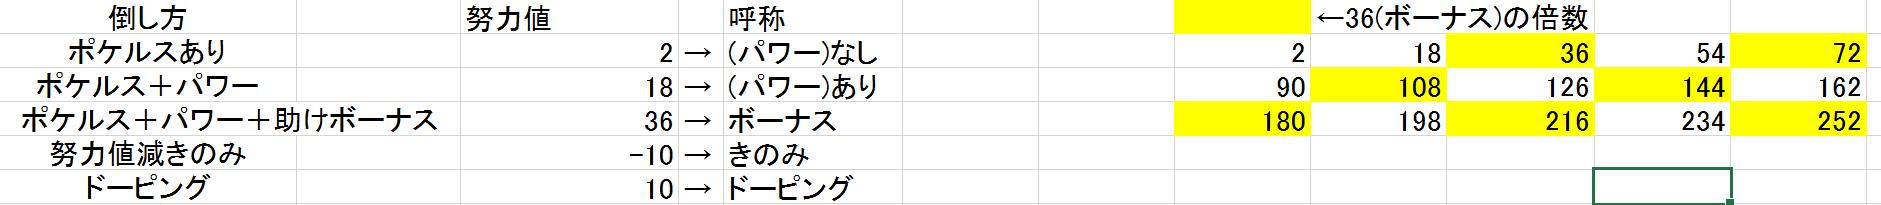 doryokuti1.png